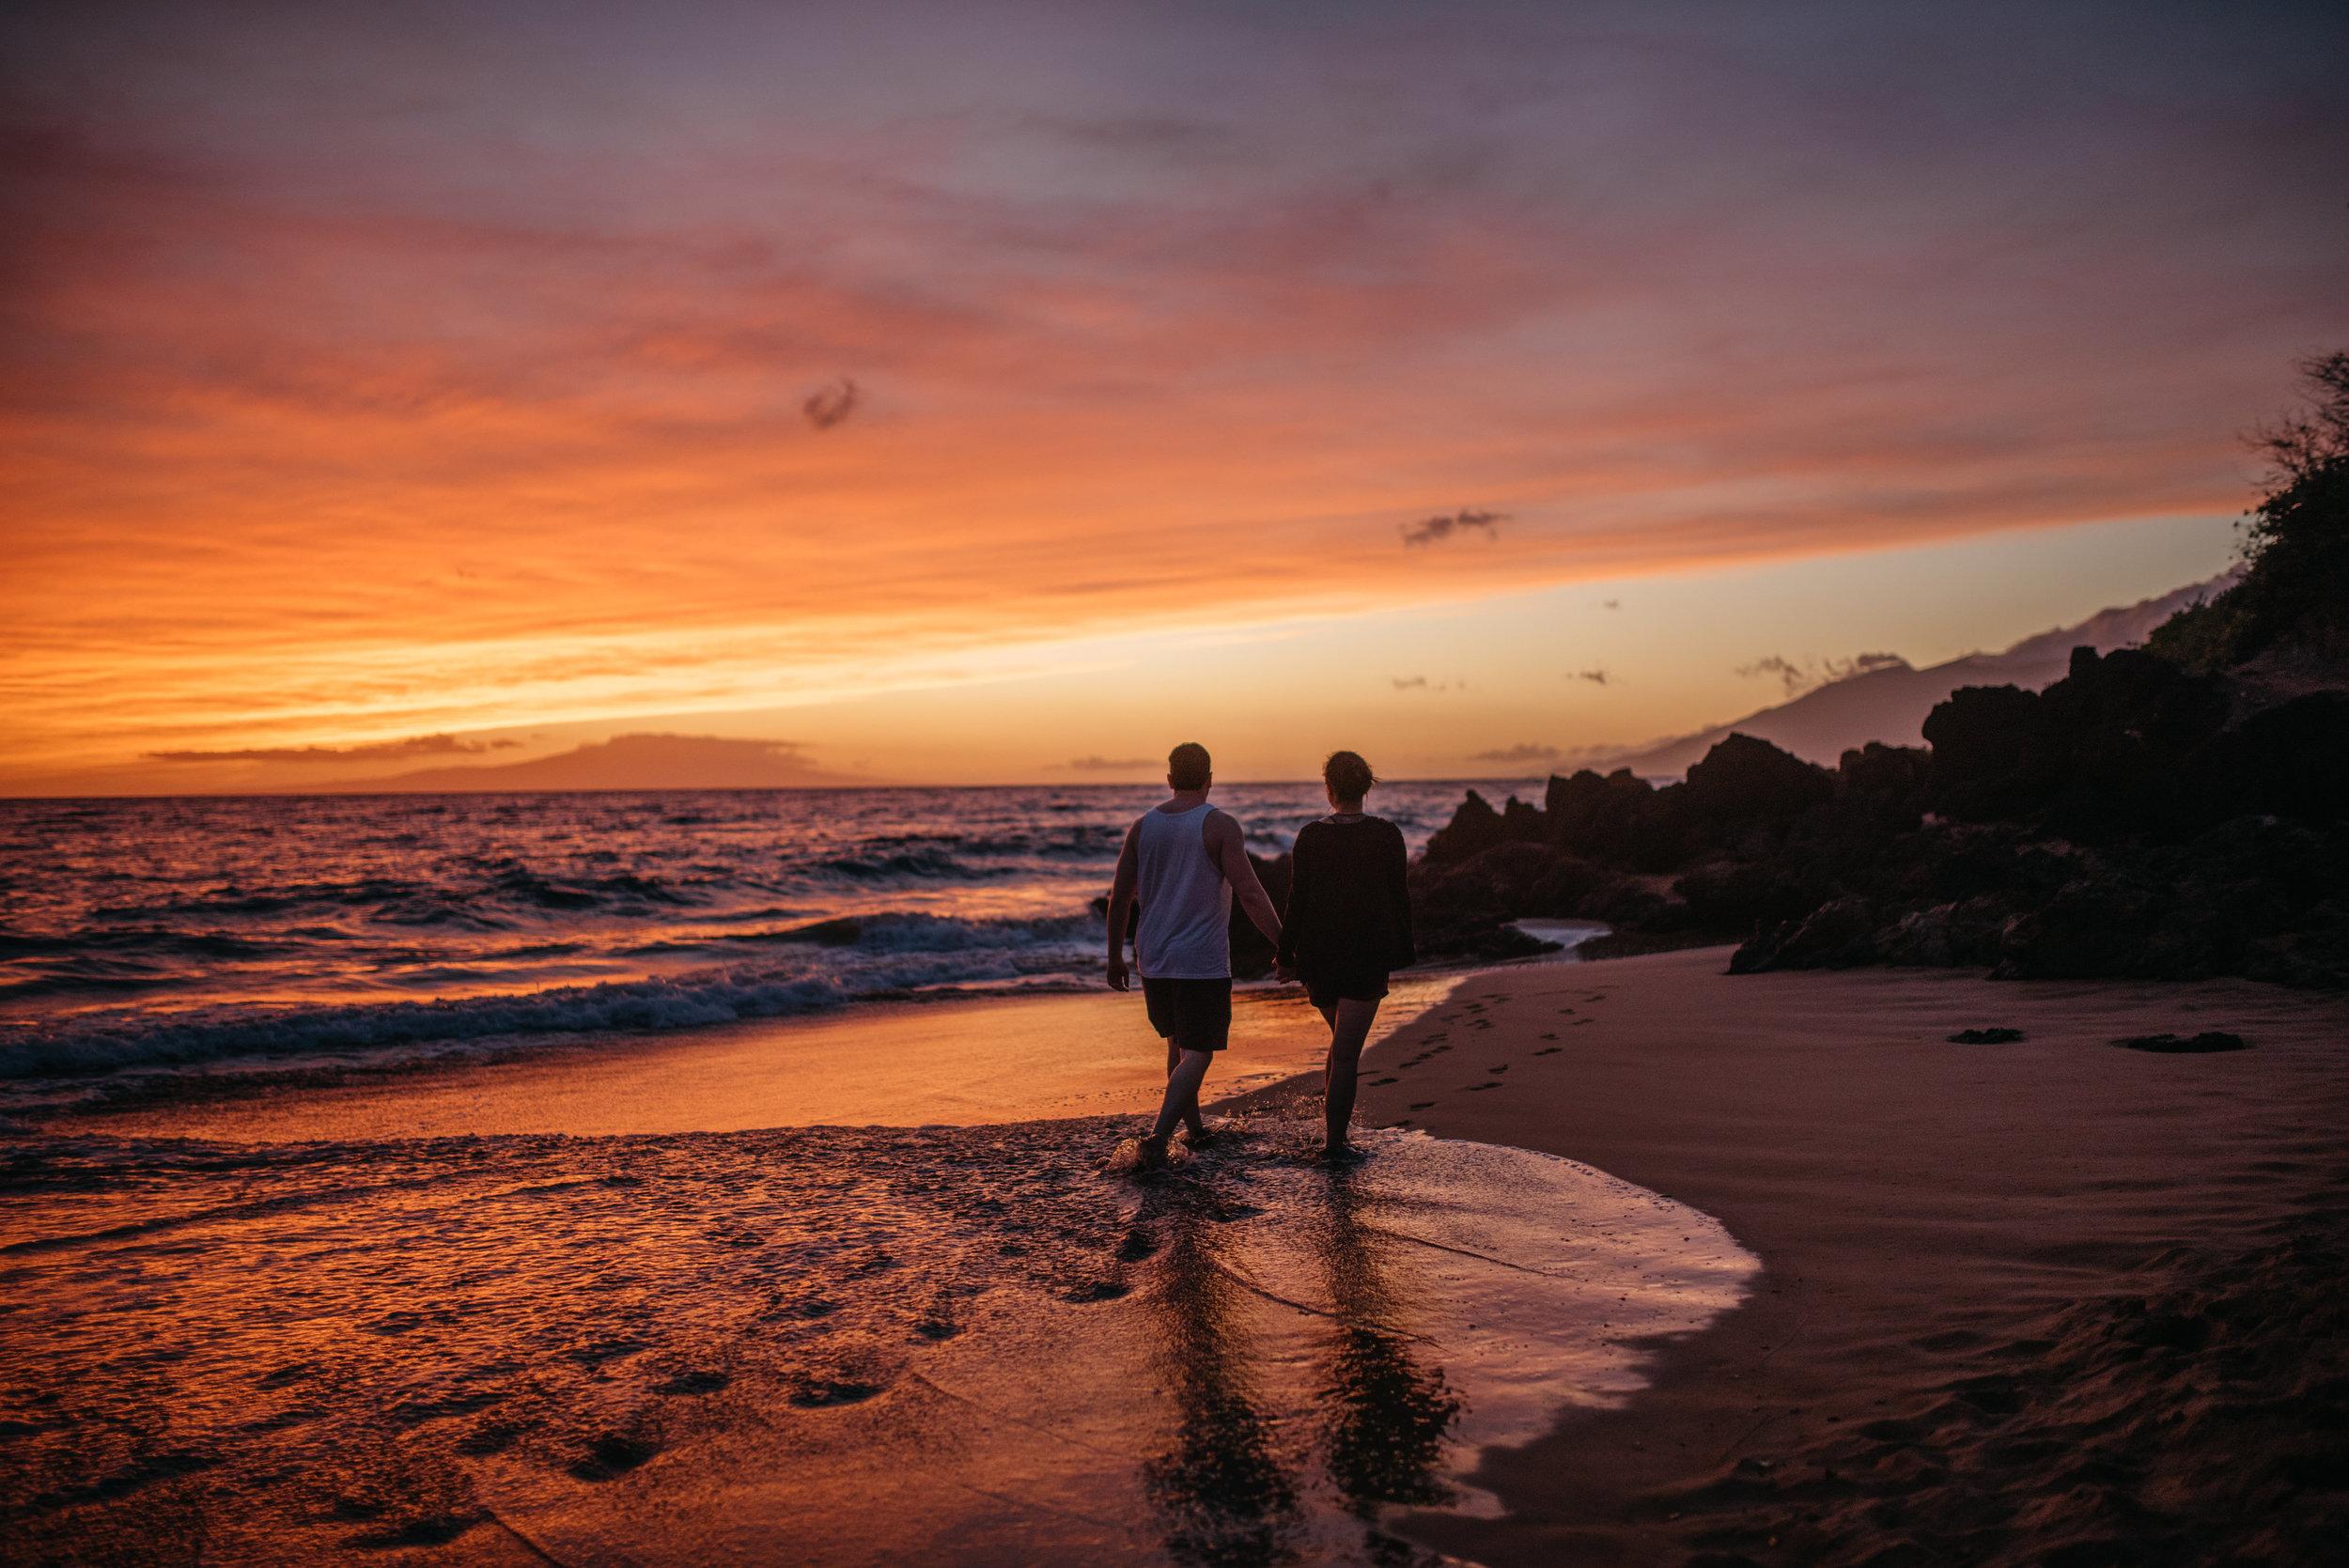 kauai2018-9.jpg